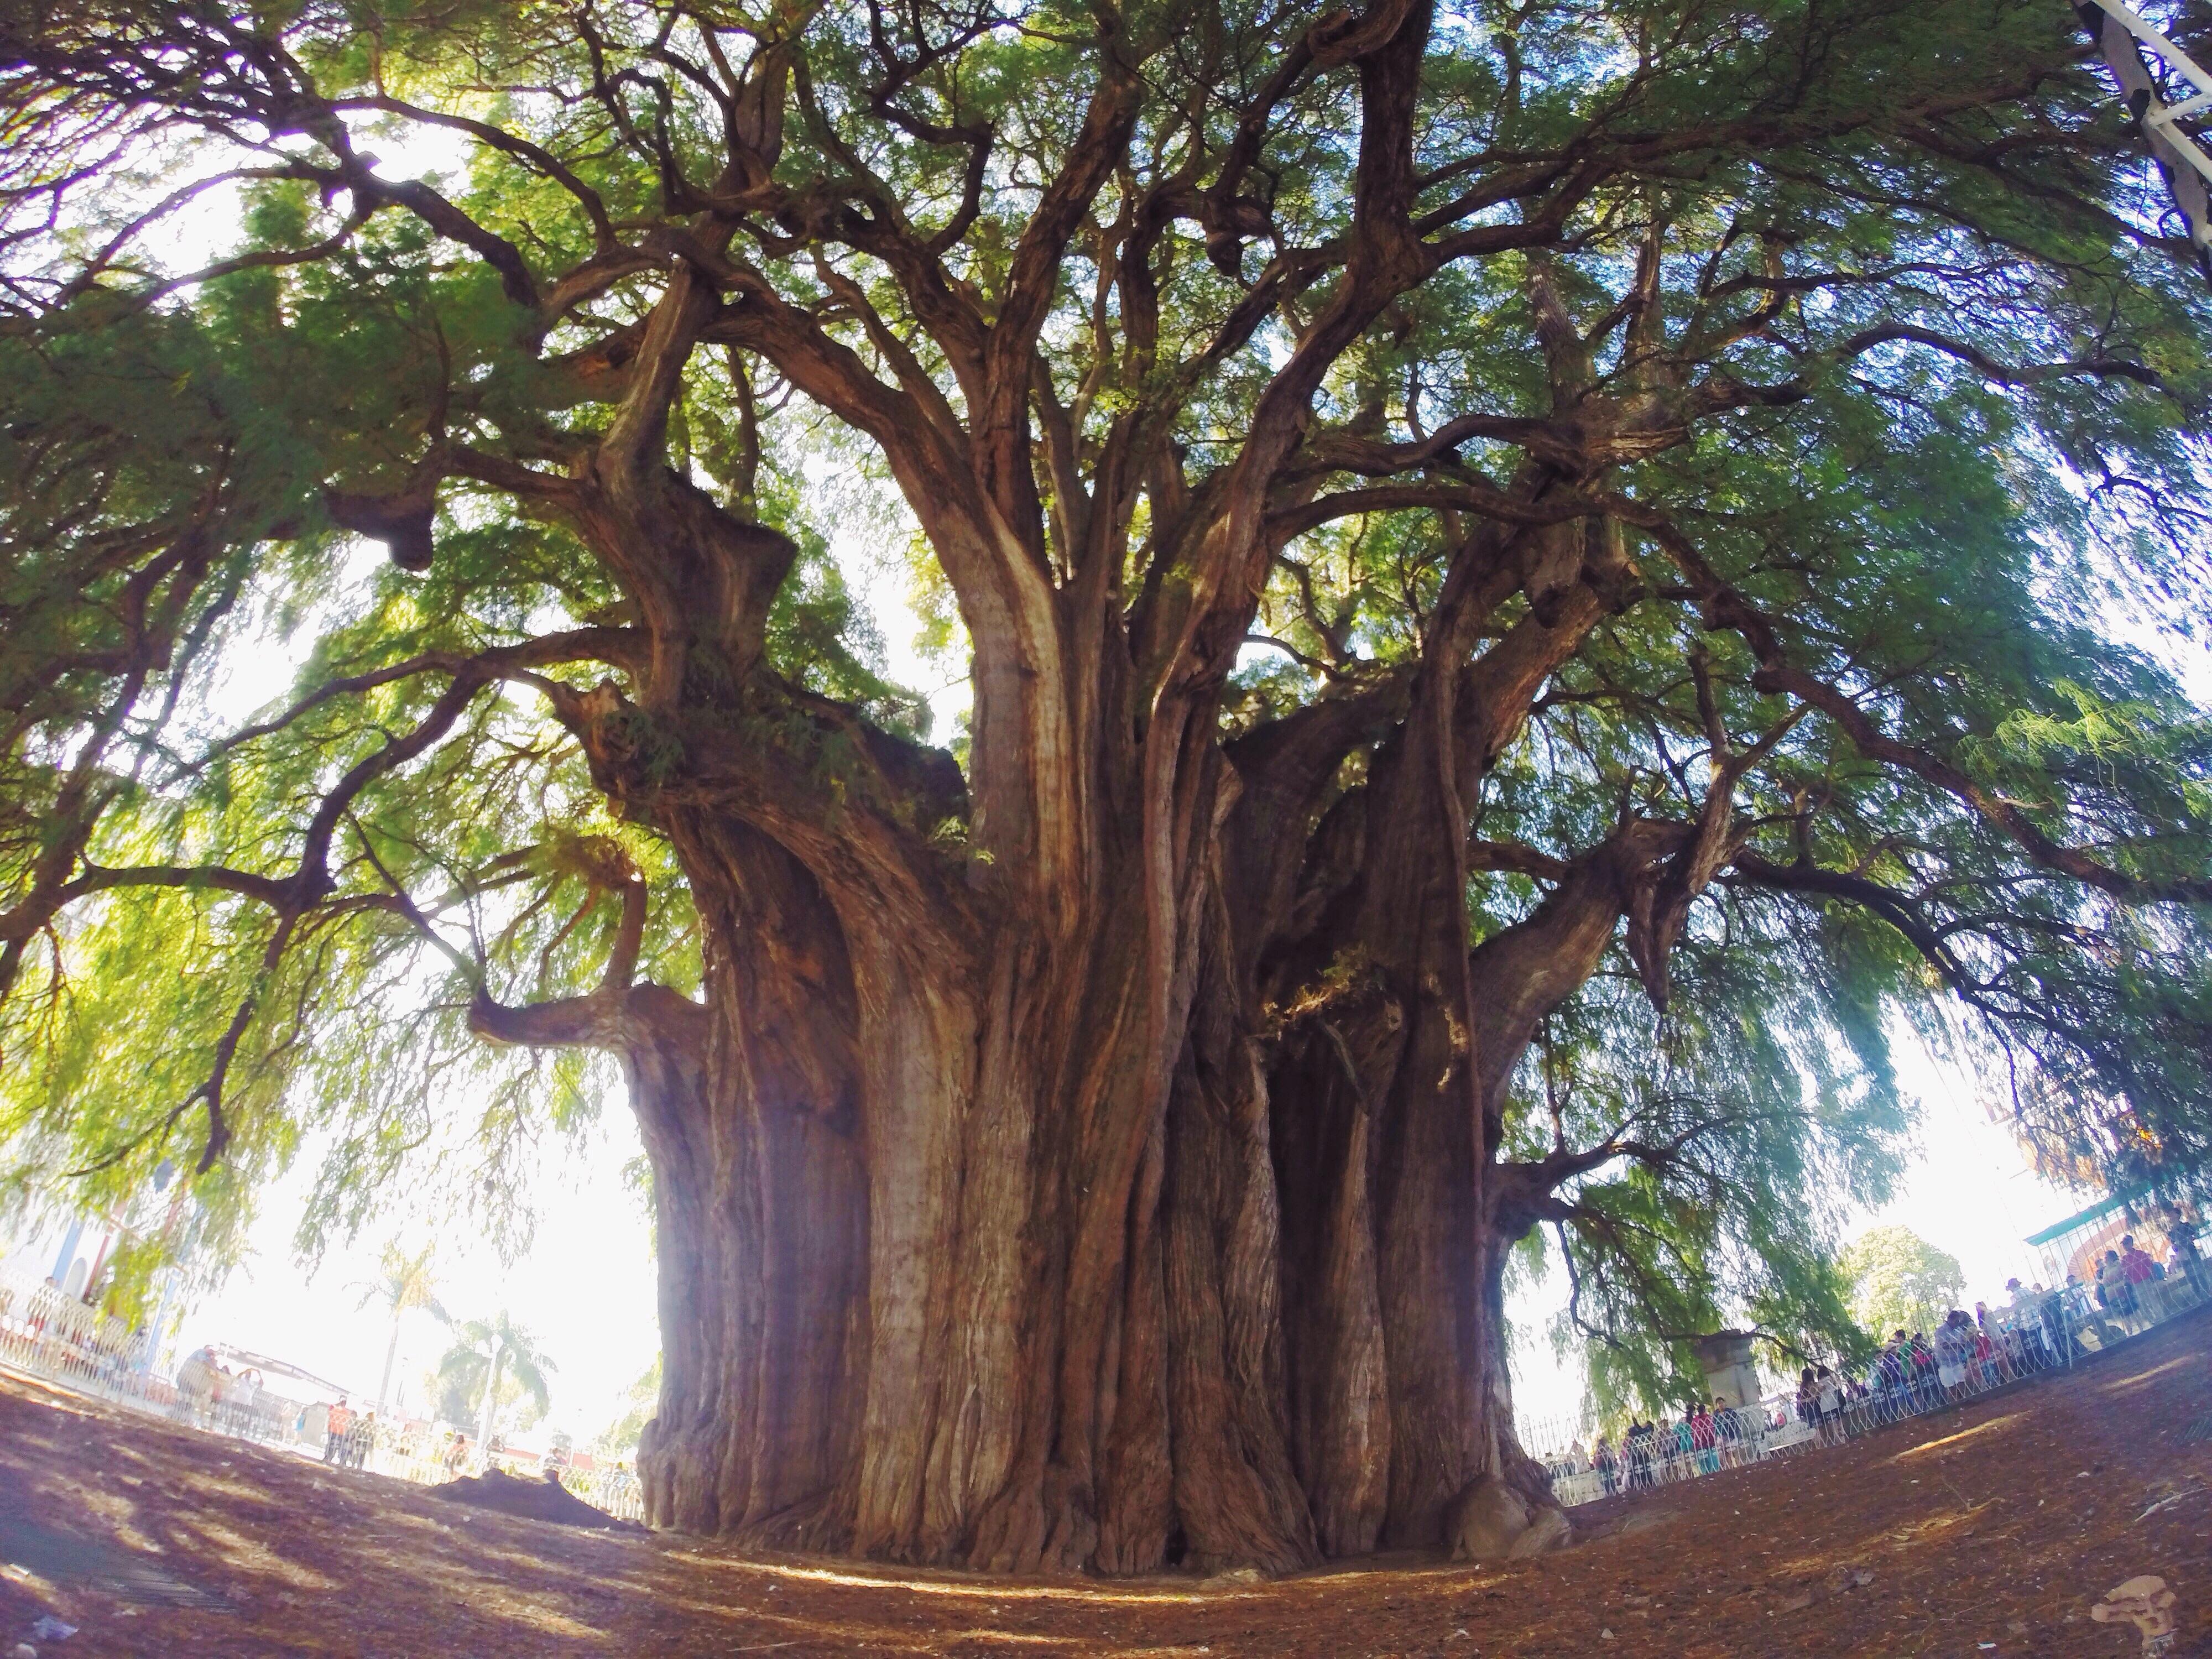 A El Tule abbiamo incontrato l'albero più largo del mondo (per avere un punto di riferimento guardate le persone in basso a destra).